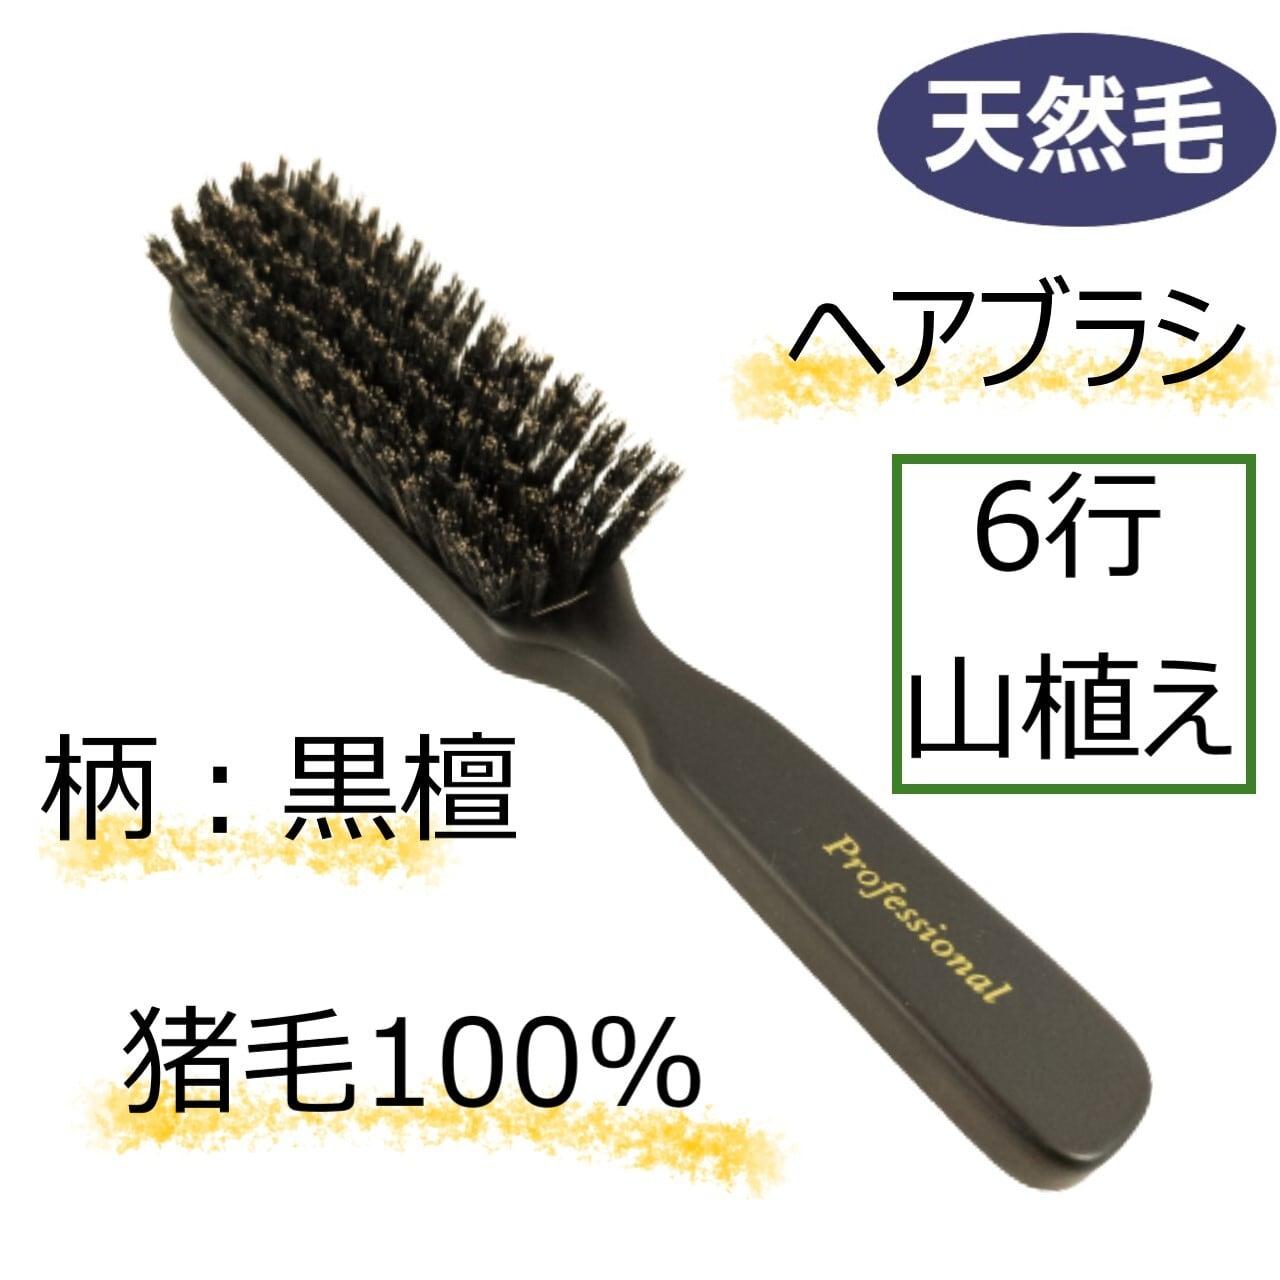 【新品】理美容用サロン業務高級 ヘアブラシ ★猪毛100% 黒檀 6行山植え セットに向いています